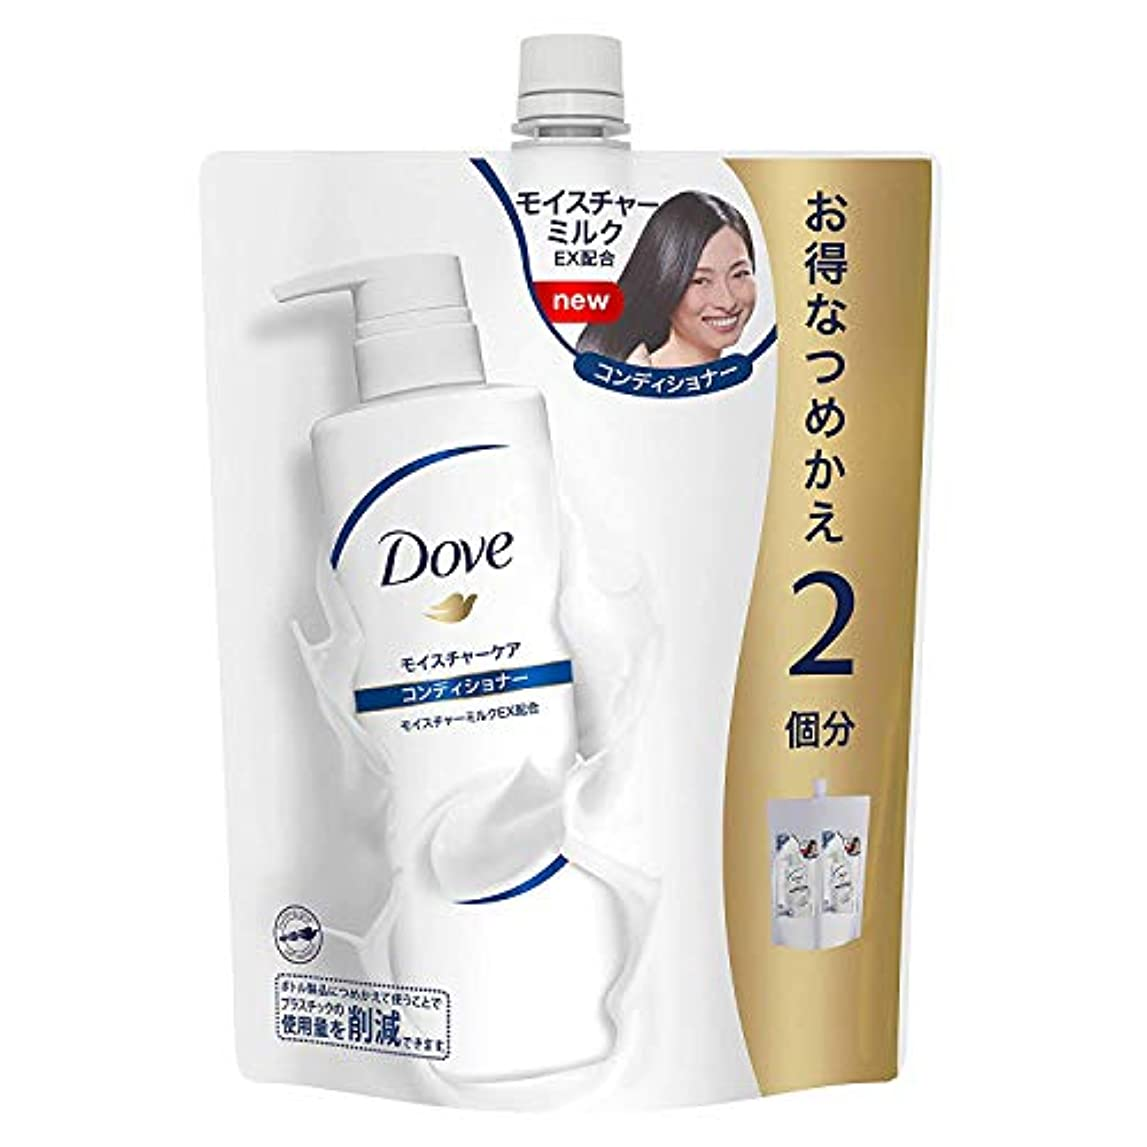 経由で病気再生的Dove ダヴ モイスチャーケア コンディショナー つめかえ用 700g 【4点セット】